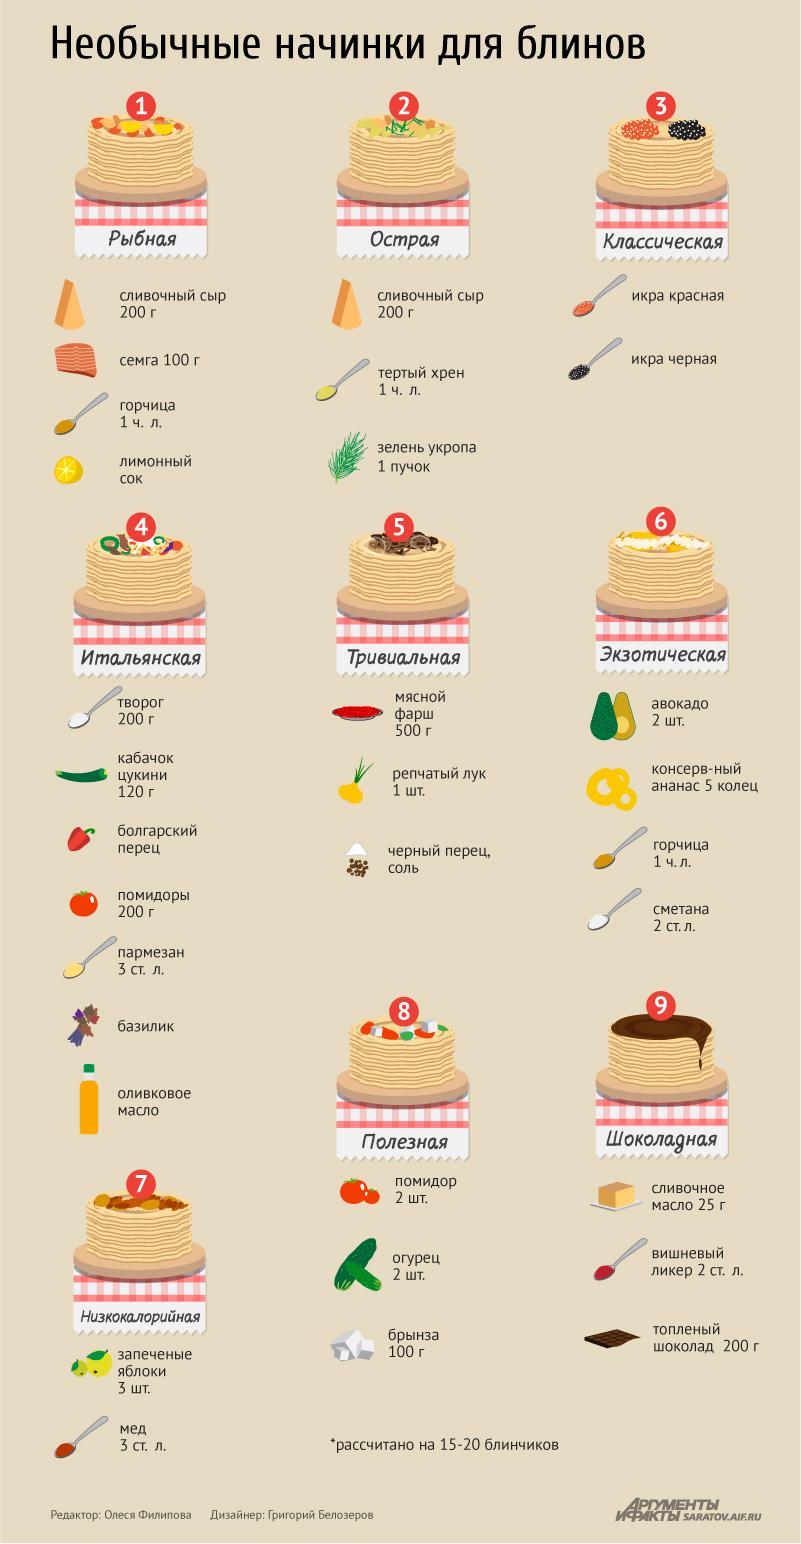 Рецепт начинок для блинов